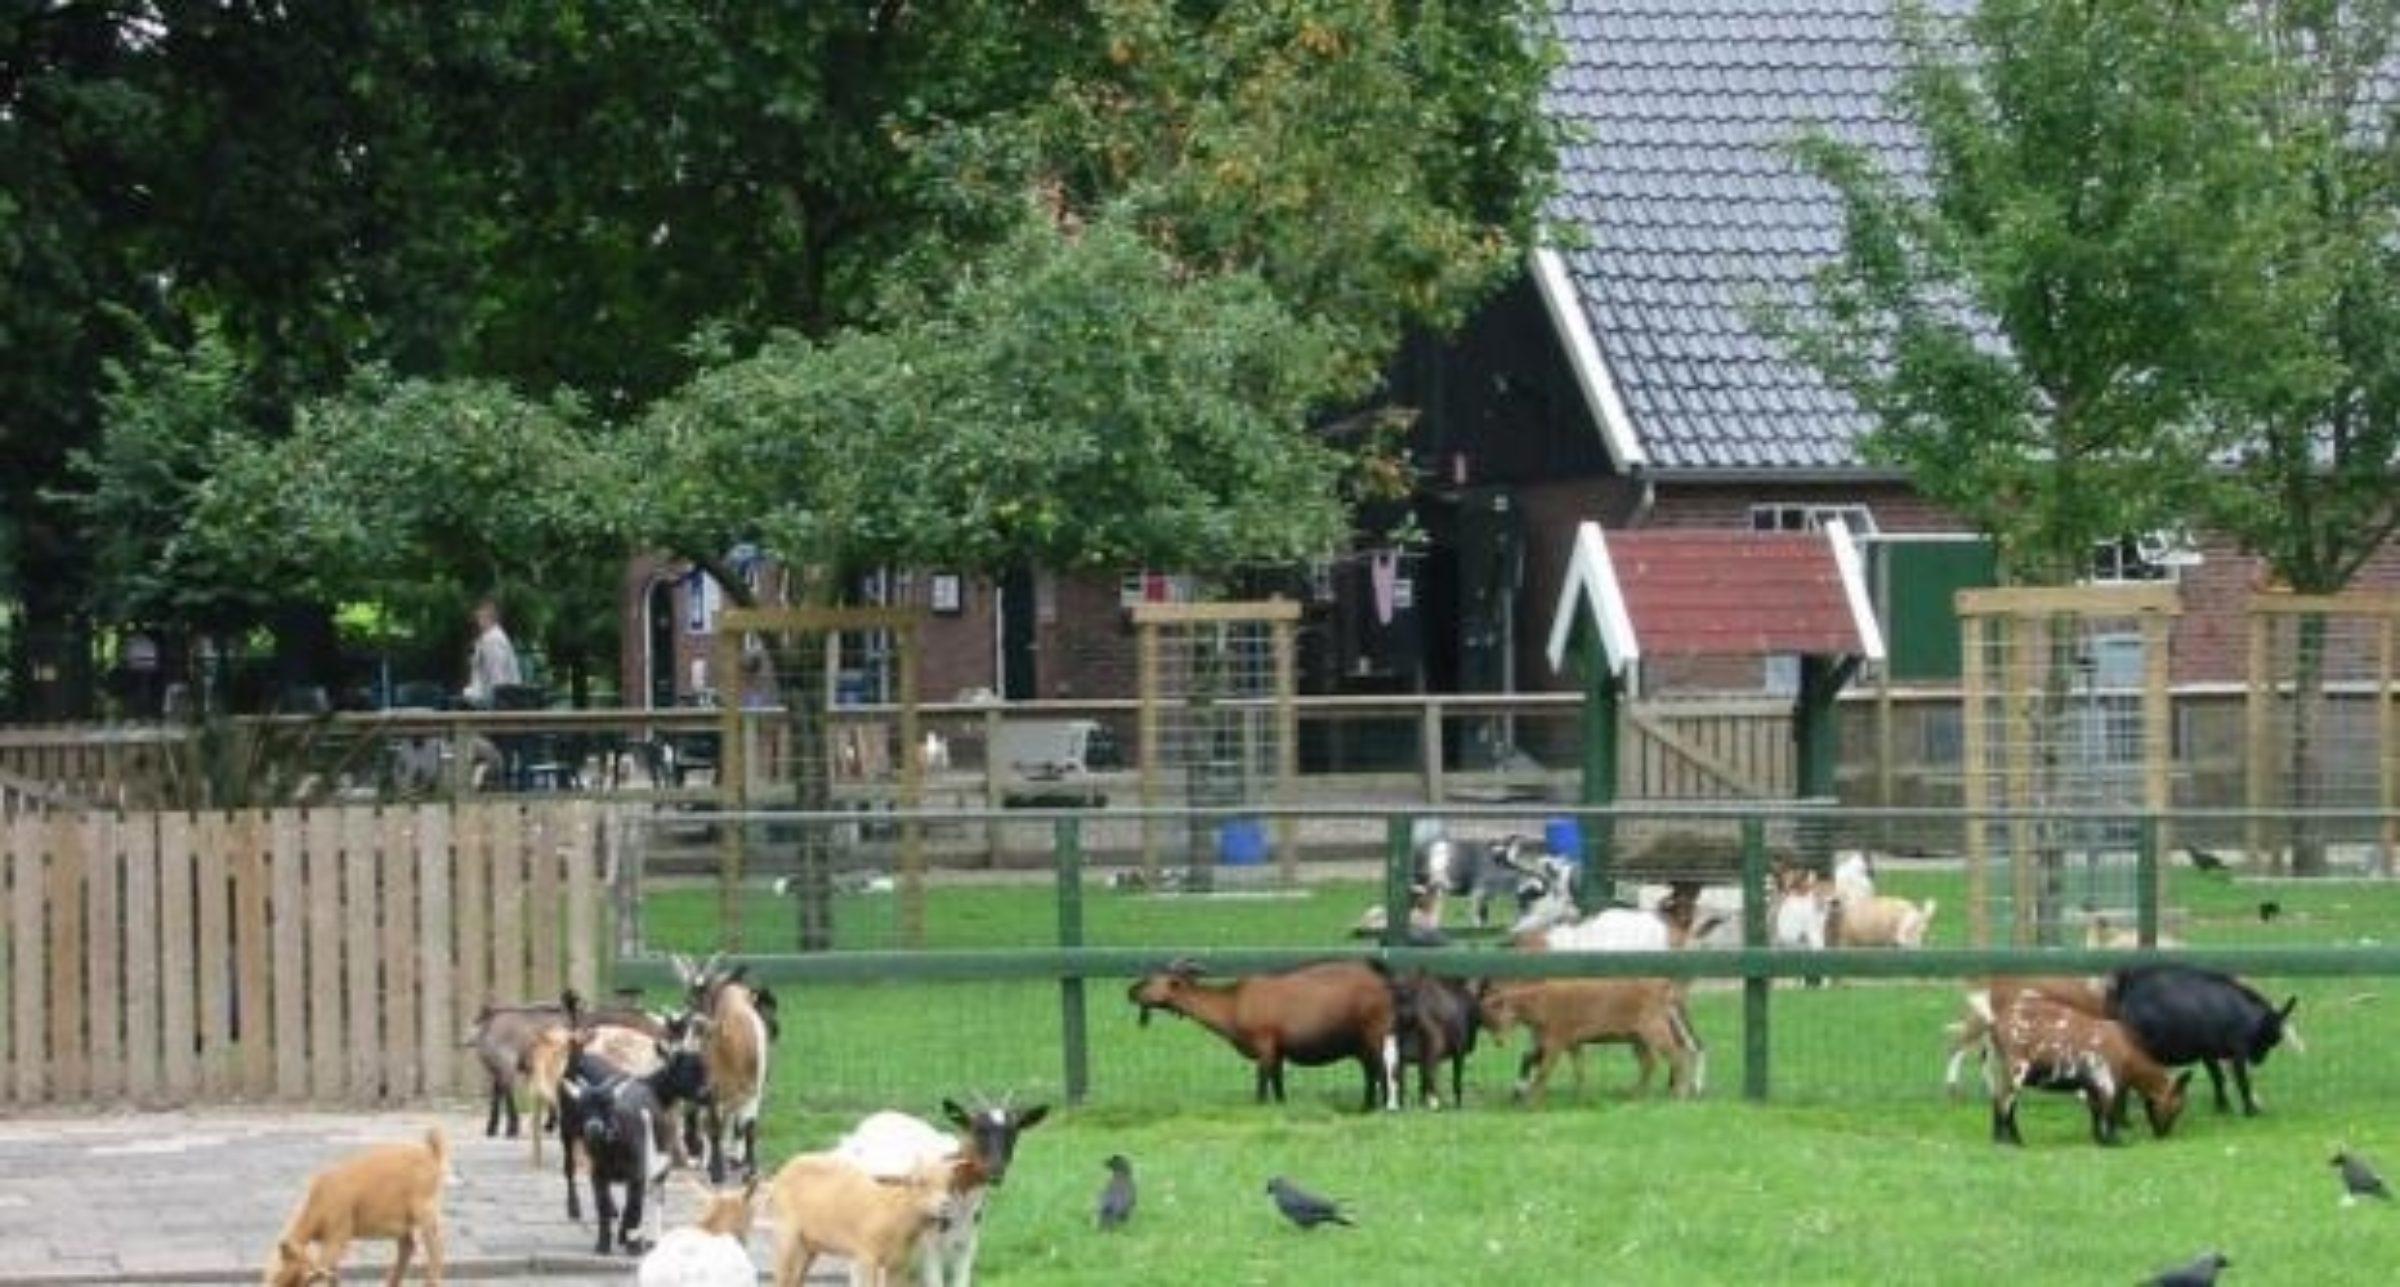 Kinderboerderij noord enschede